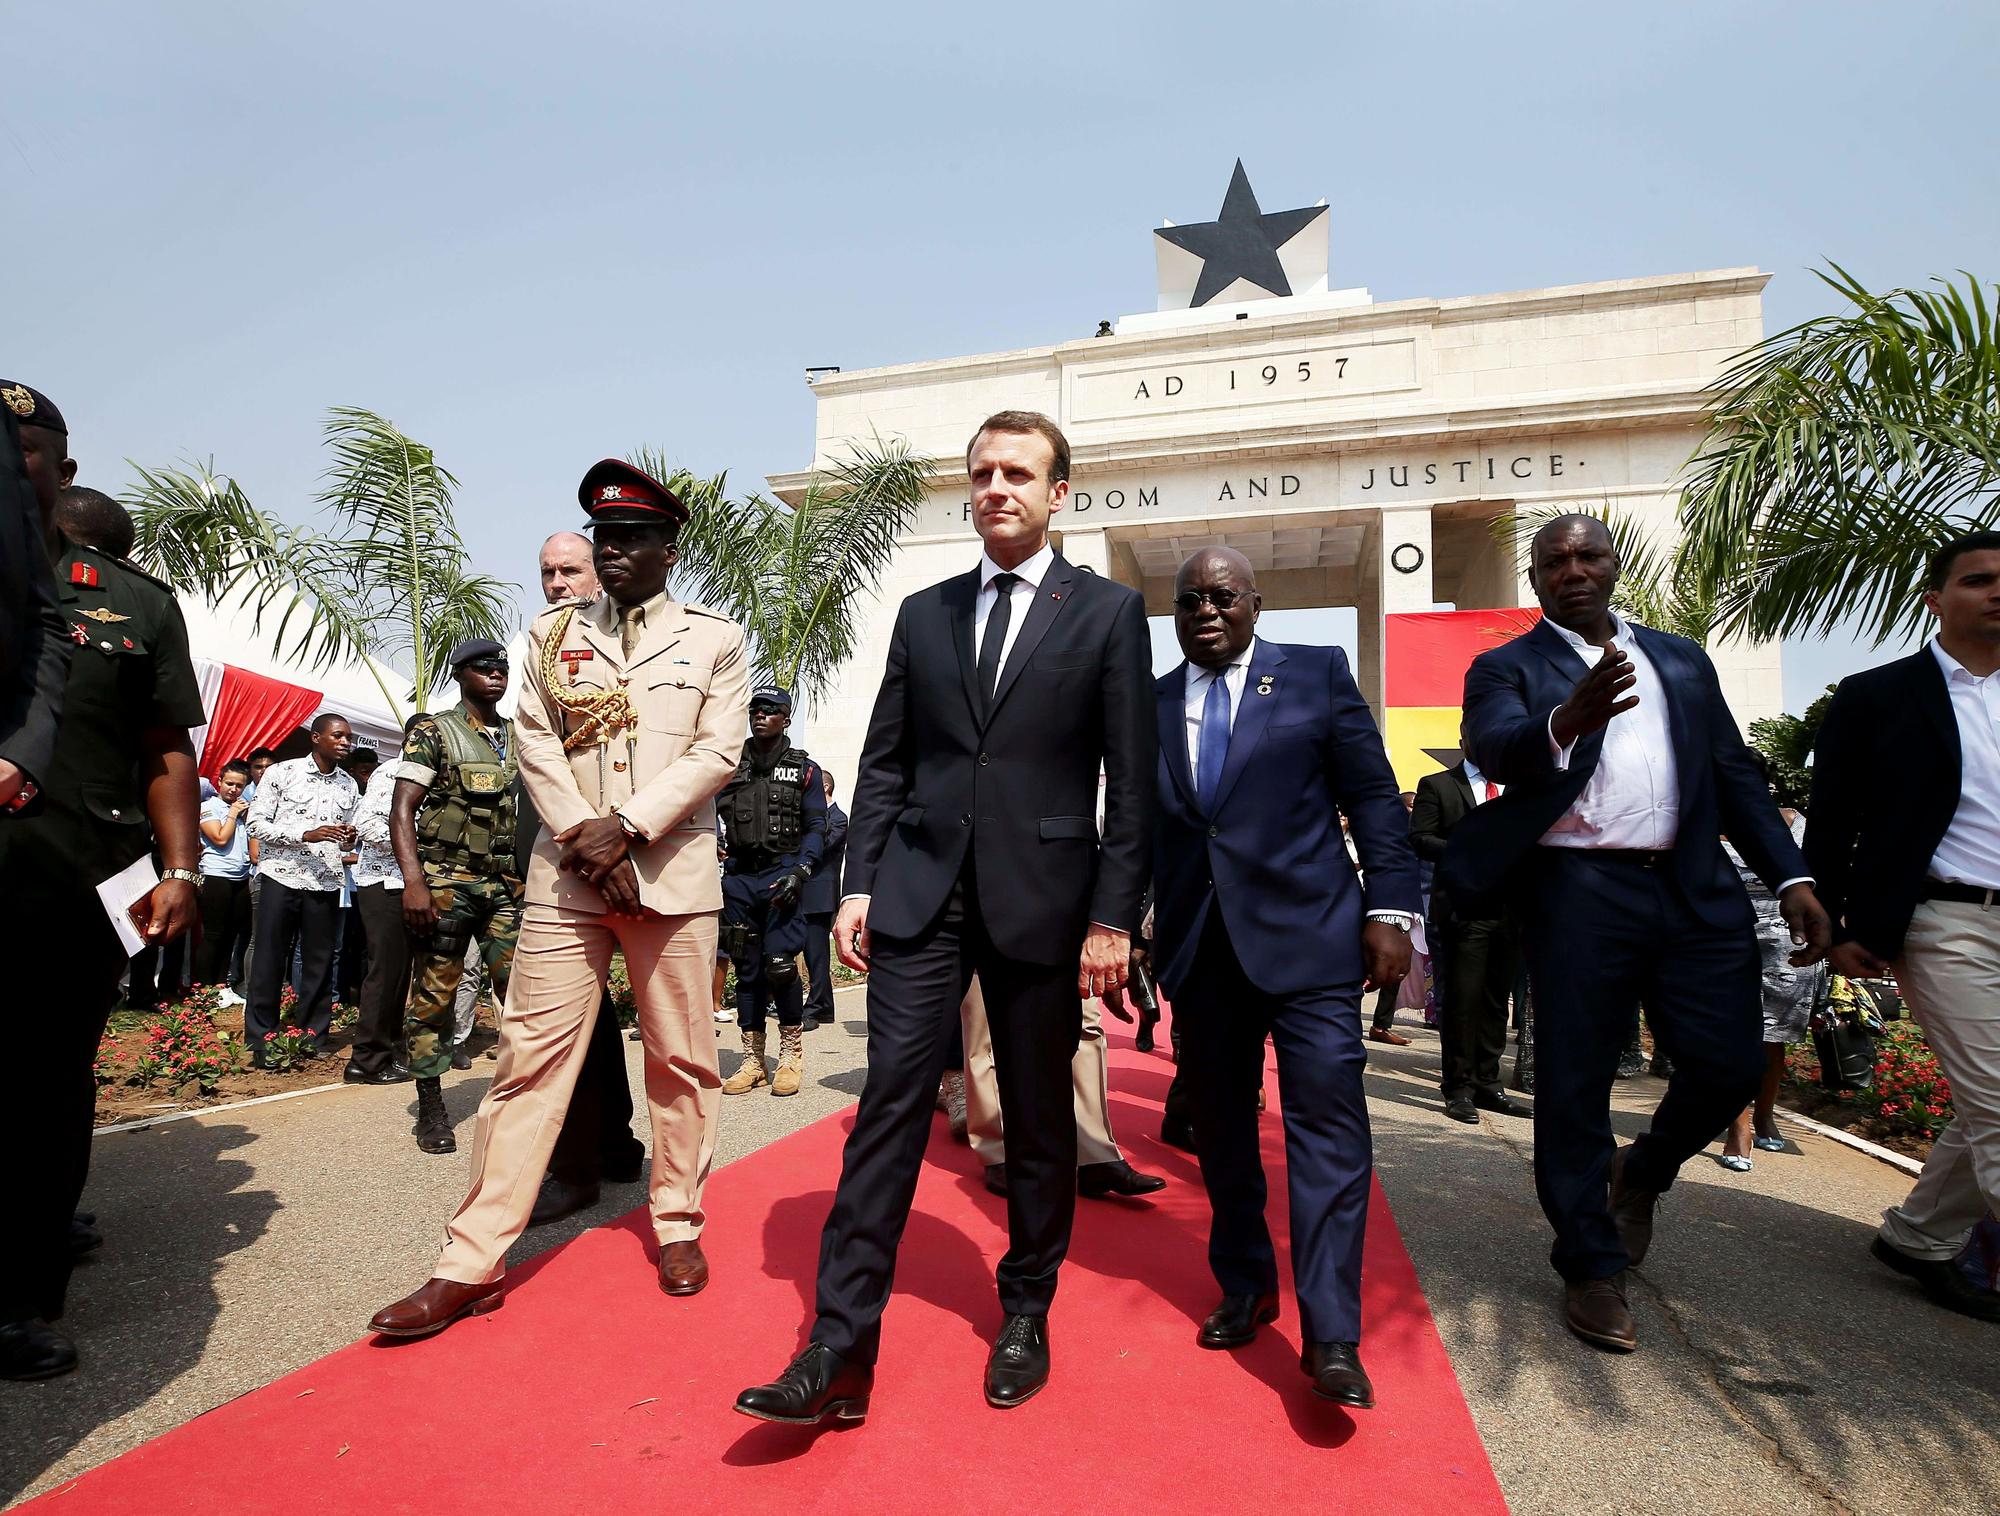 Avec Emmanuel Macron, lors de la visite officielle du président français à Accra, le 30novembre 2017.